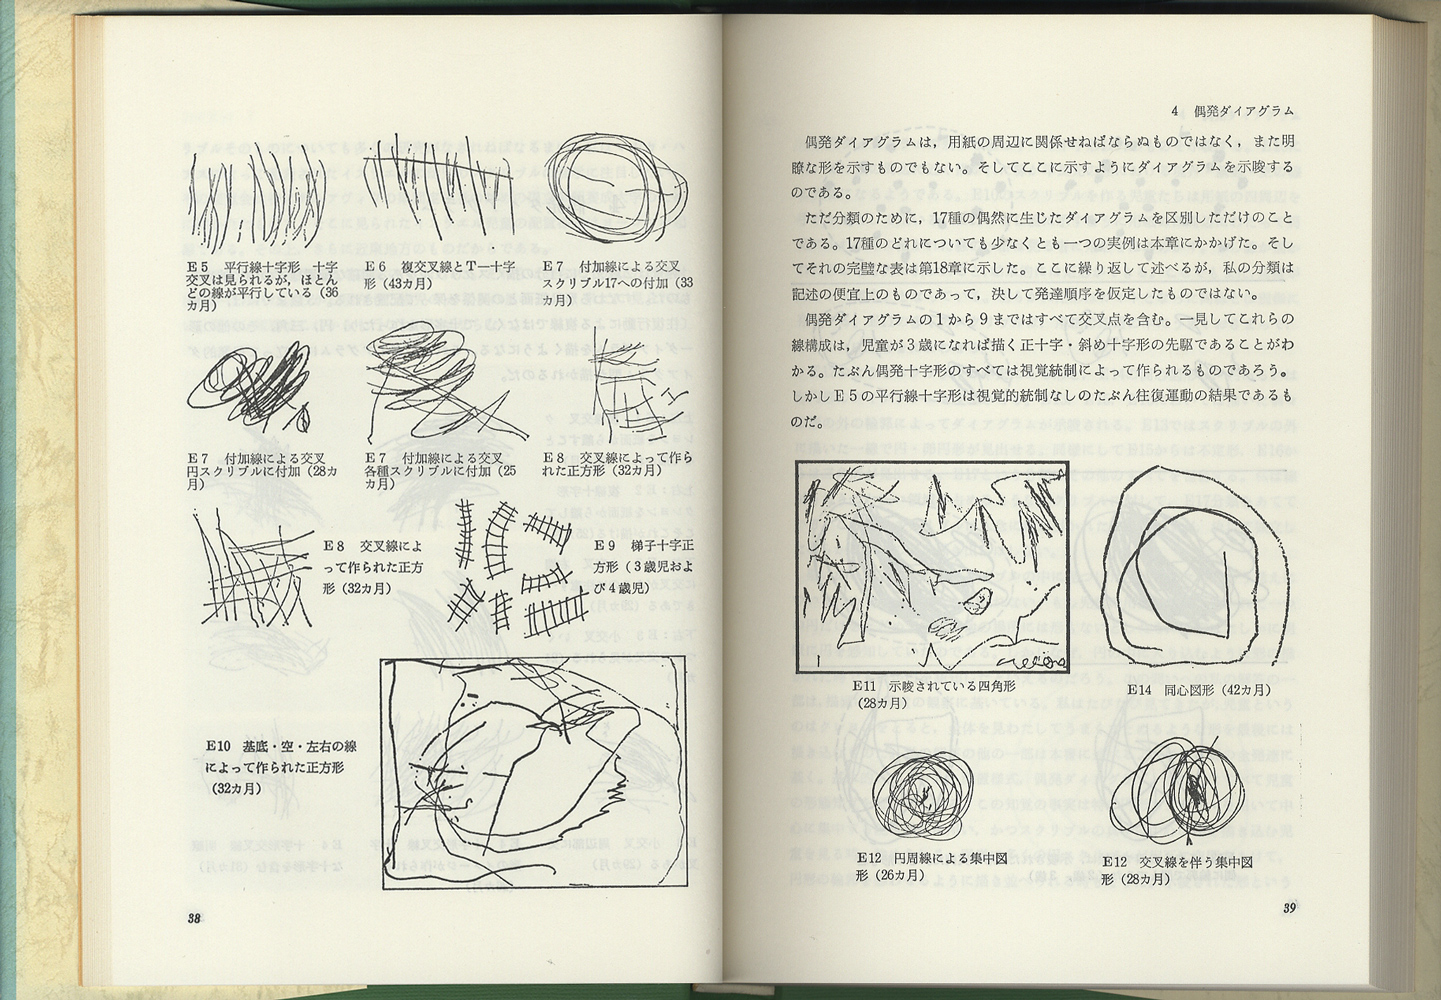 児童画の発達過程 なぐり書きからピクチュアへ[image3]